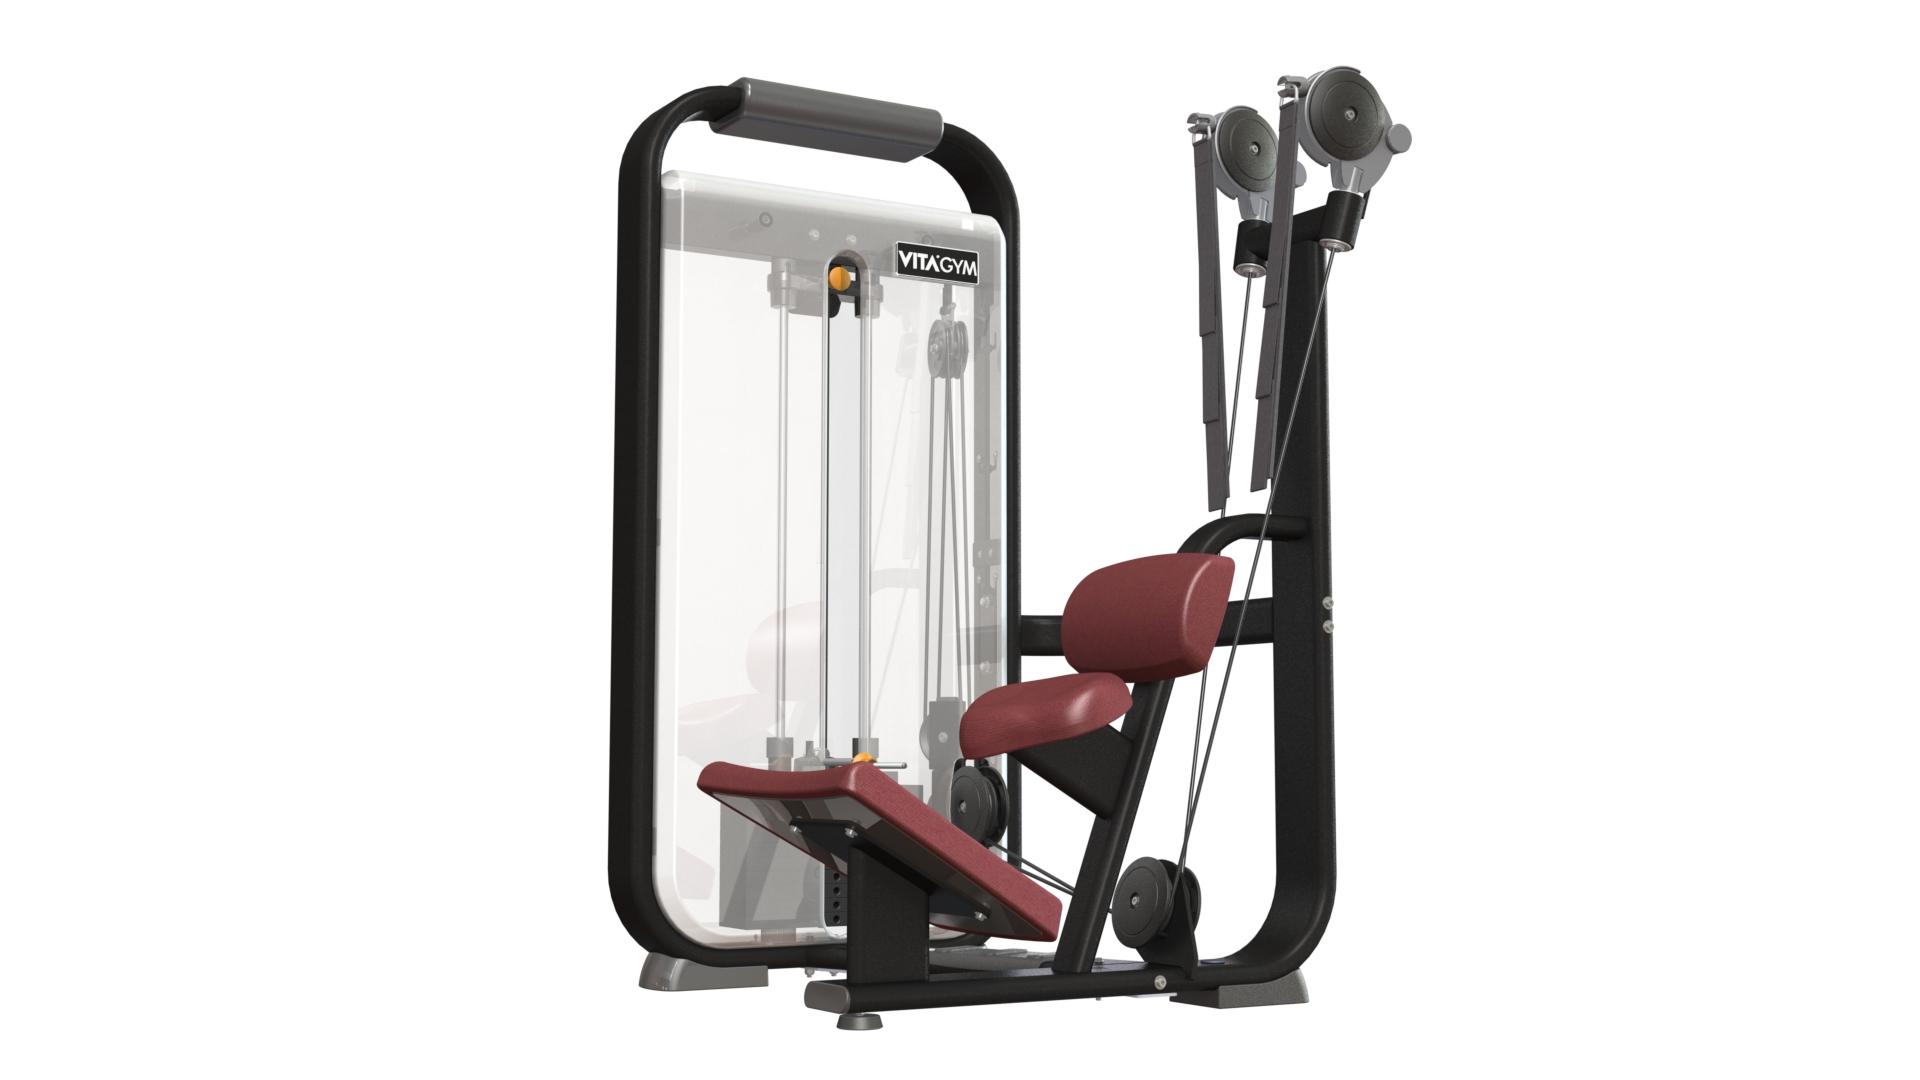 坐式腹肌训练机